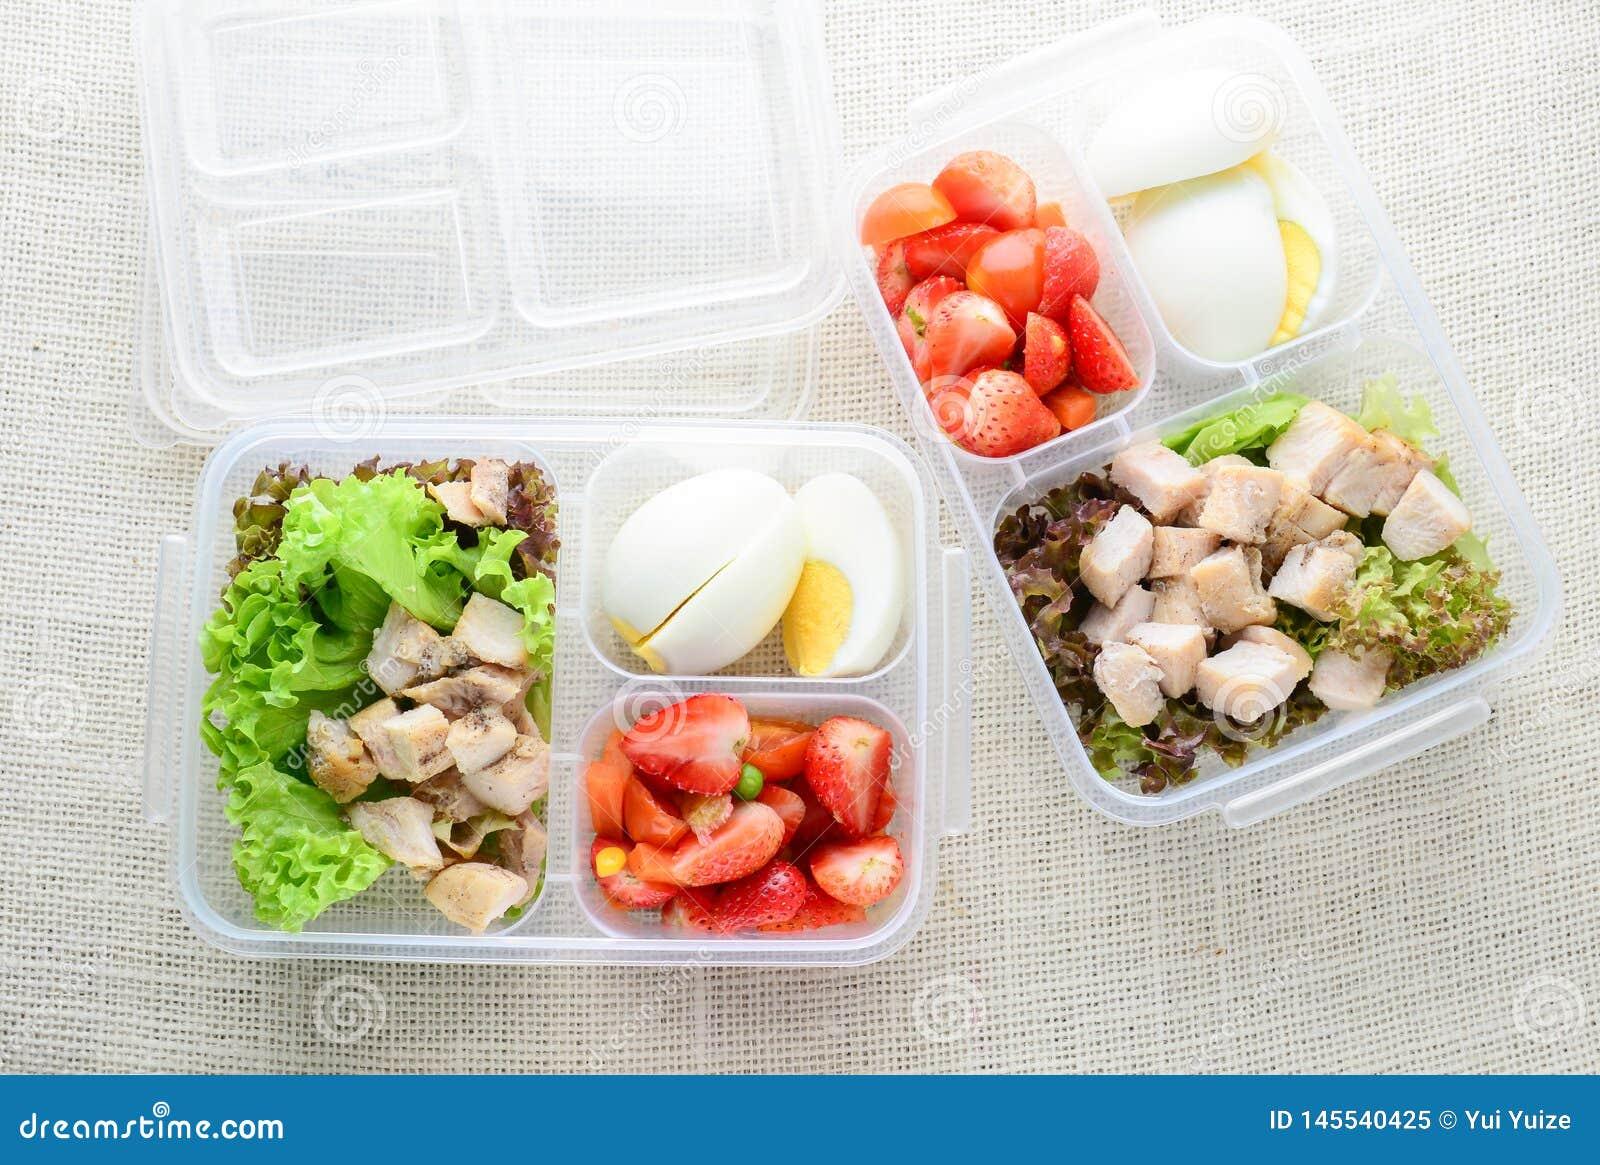 Comidas sanas y limpias en una caja